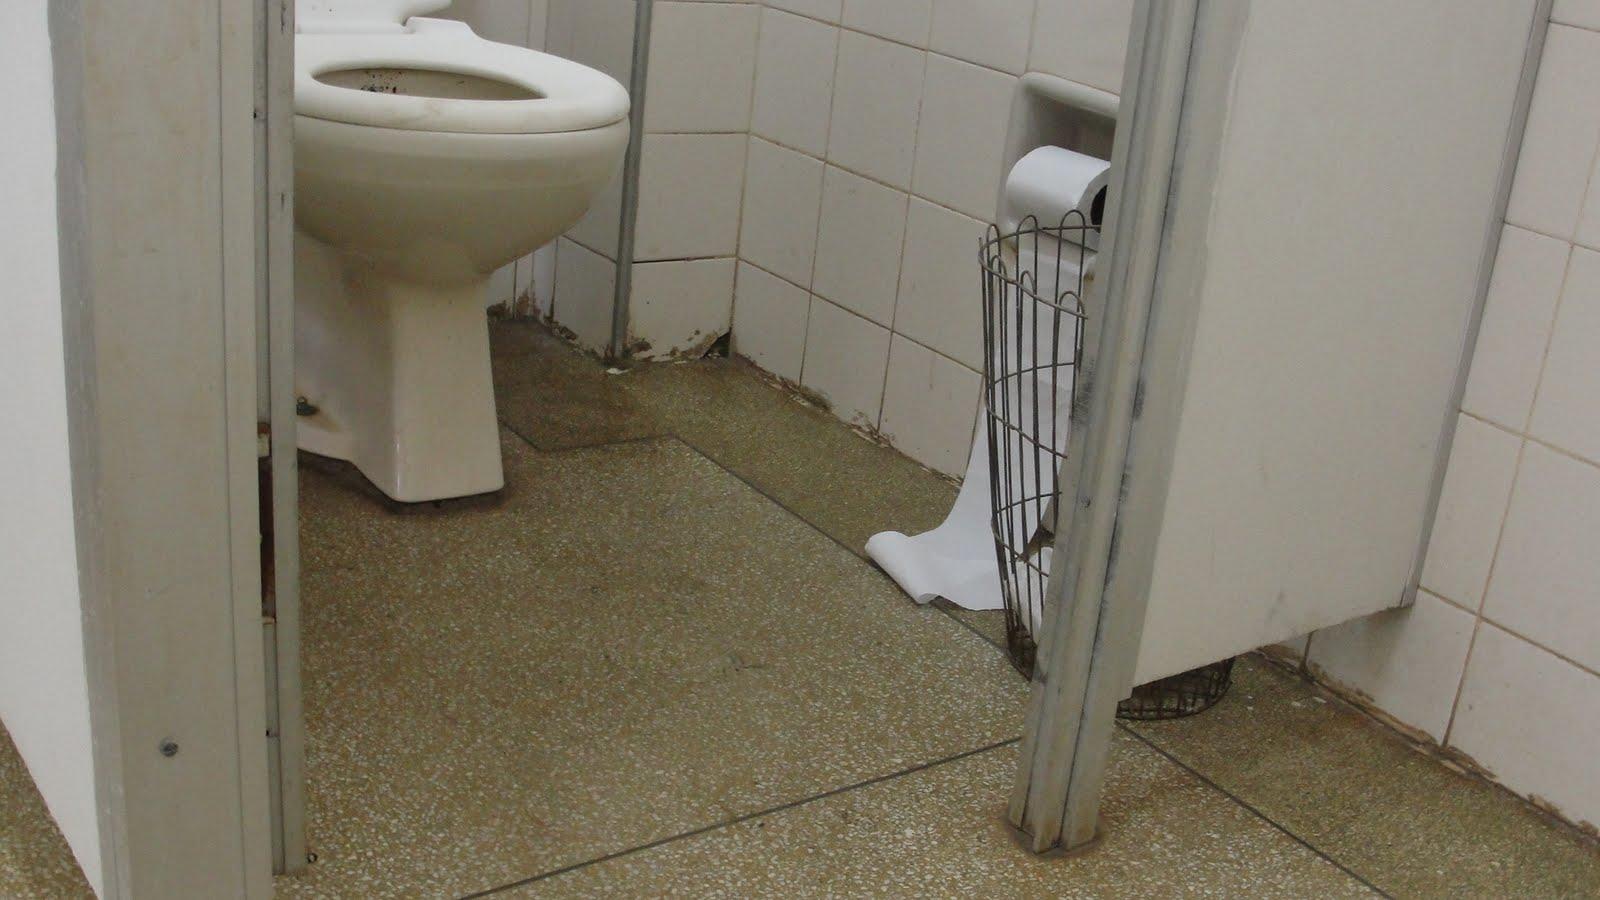 em Uberaba não possui banheiro adaptado a deficientes físicos #5B5038 1600 900